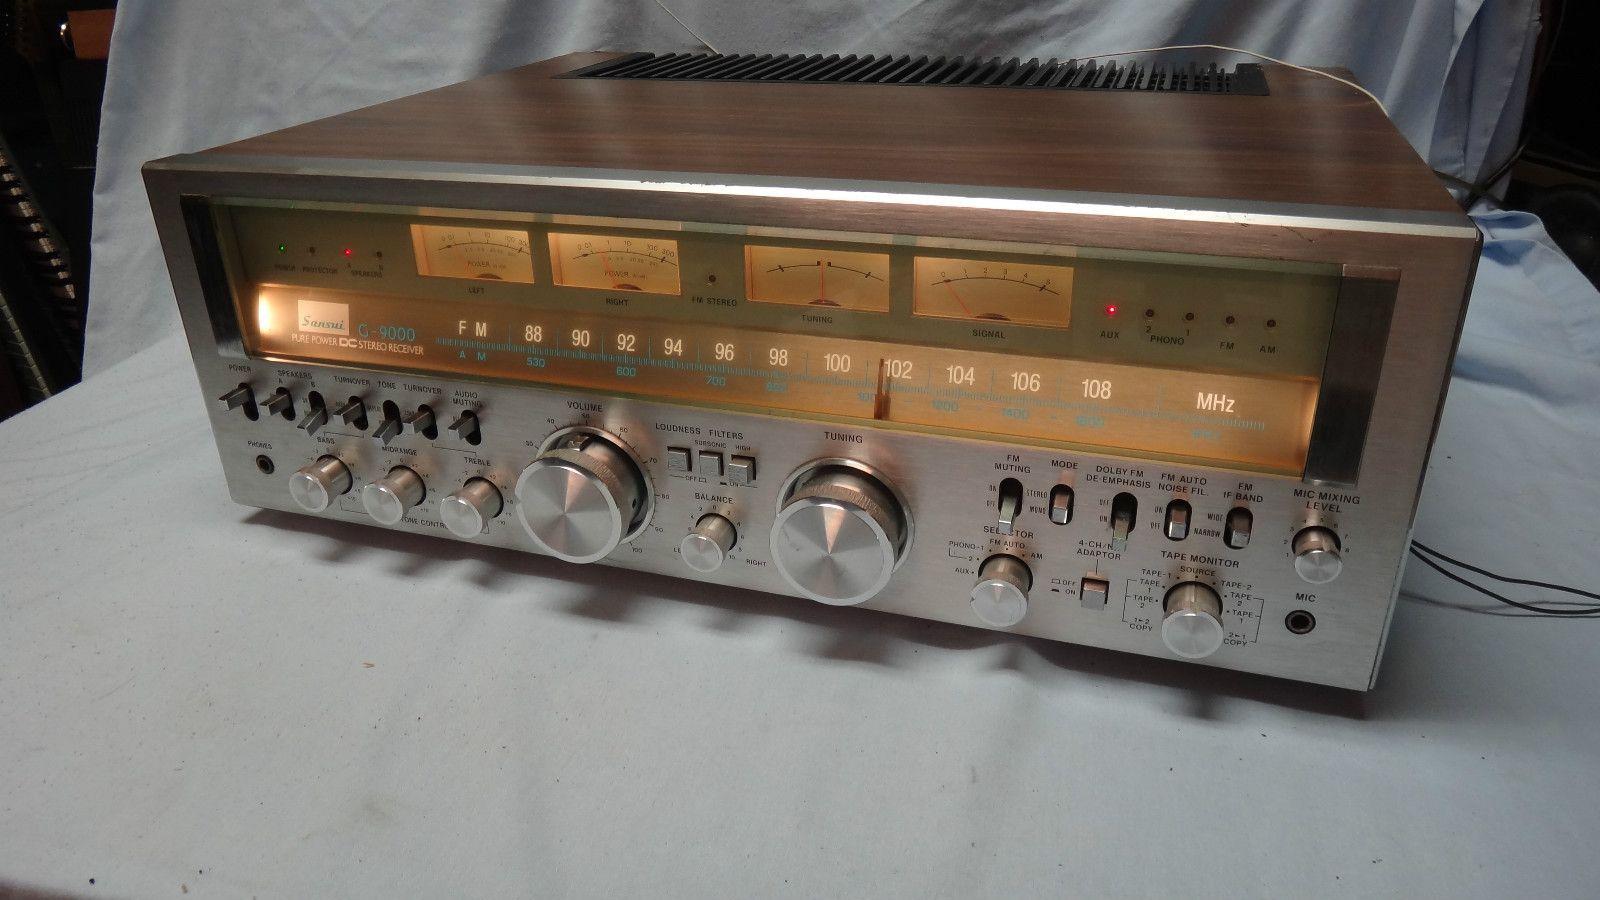 Vintage SANSUI G-9000 Stereo Receiver | Electronique, Ampli, Technologie